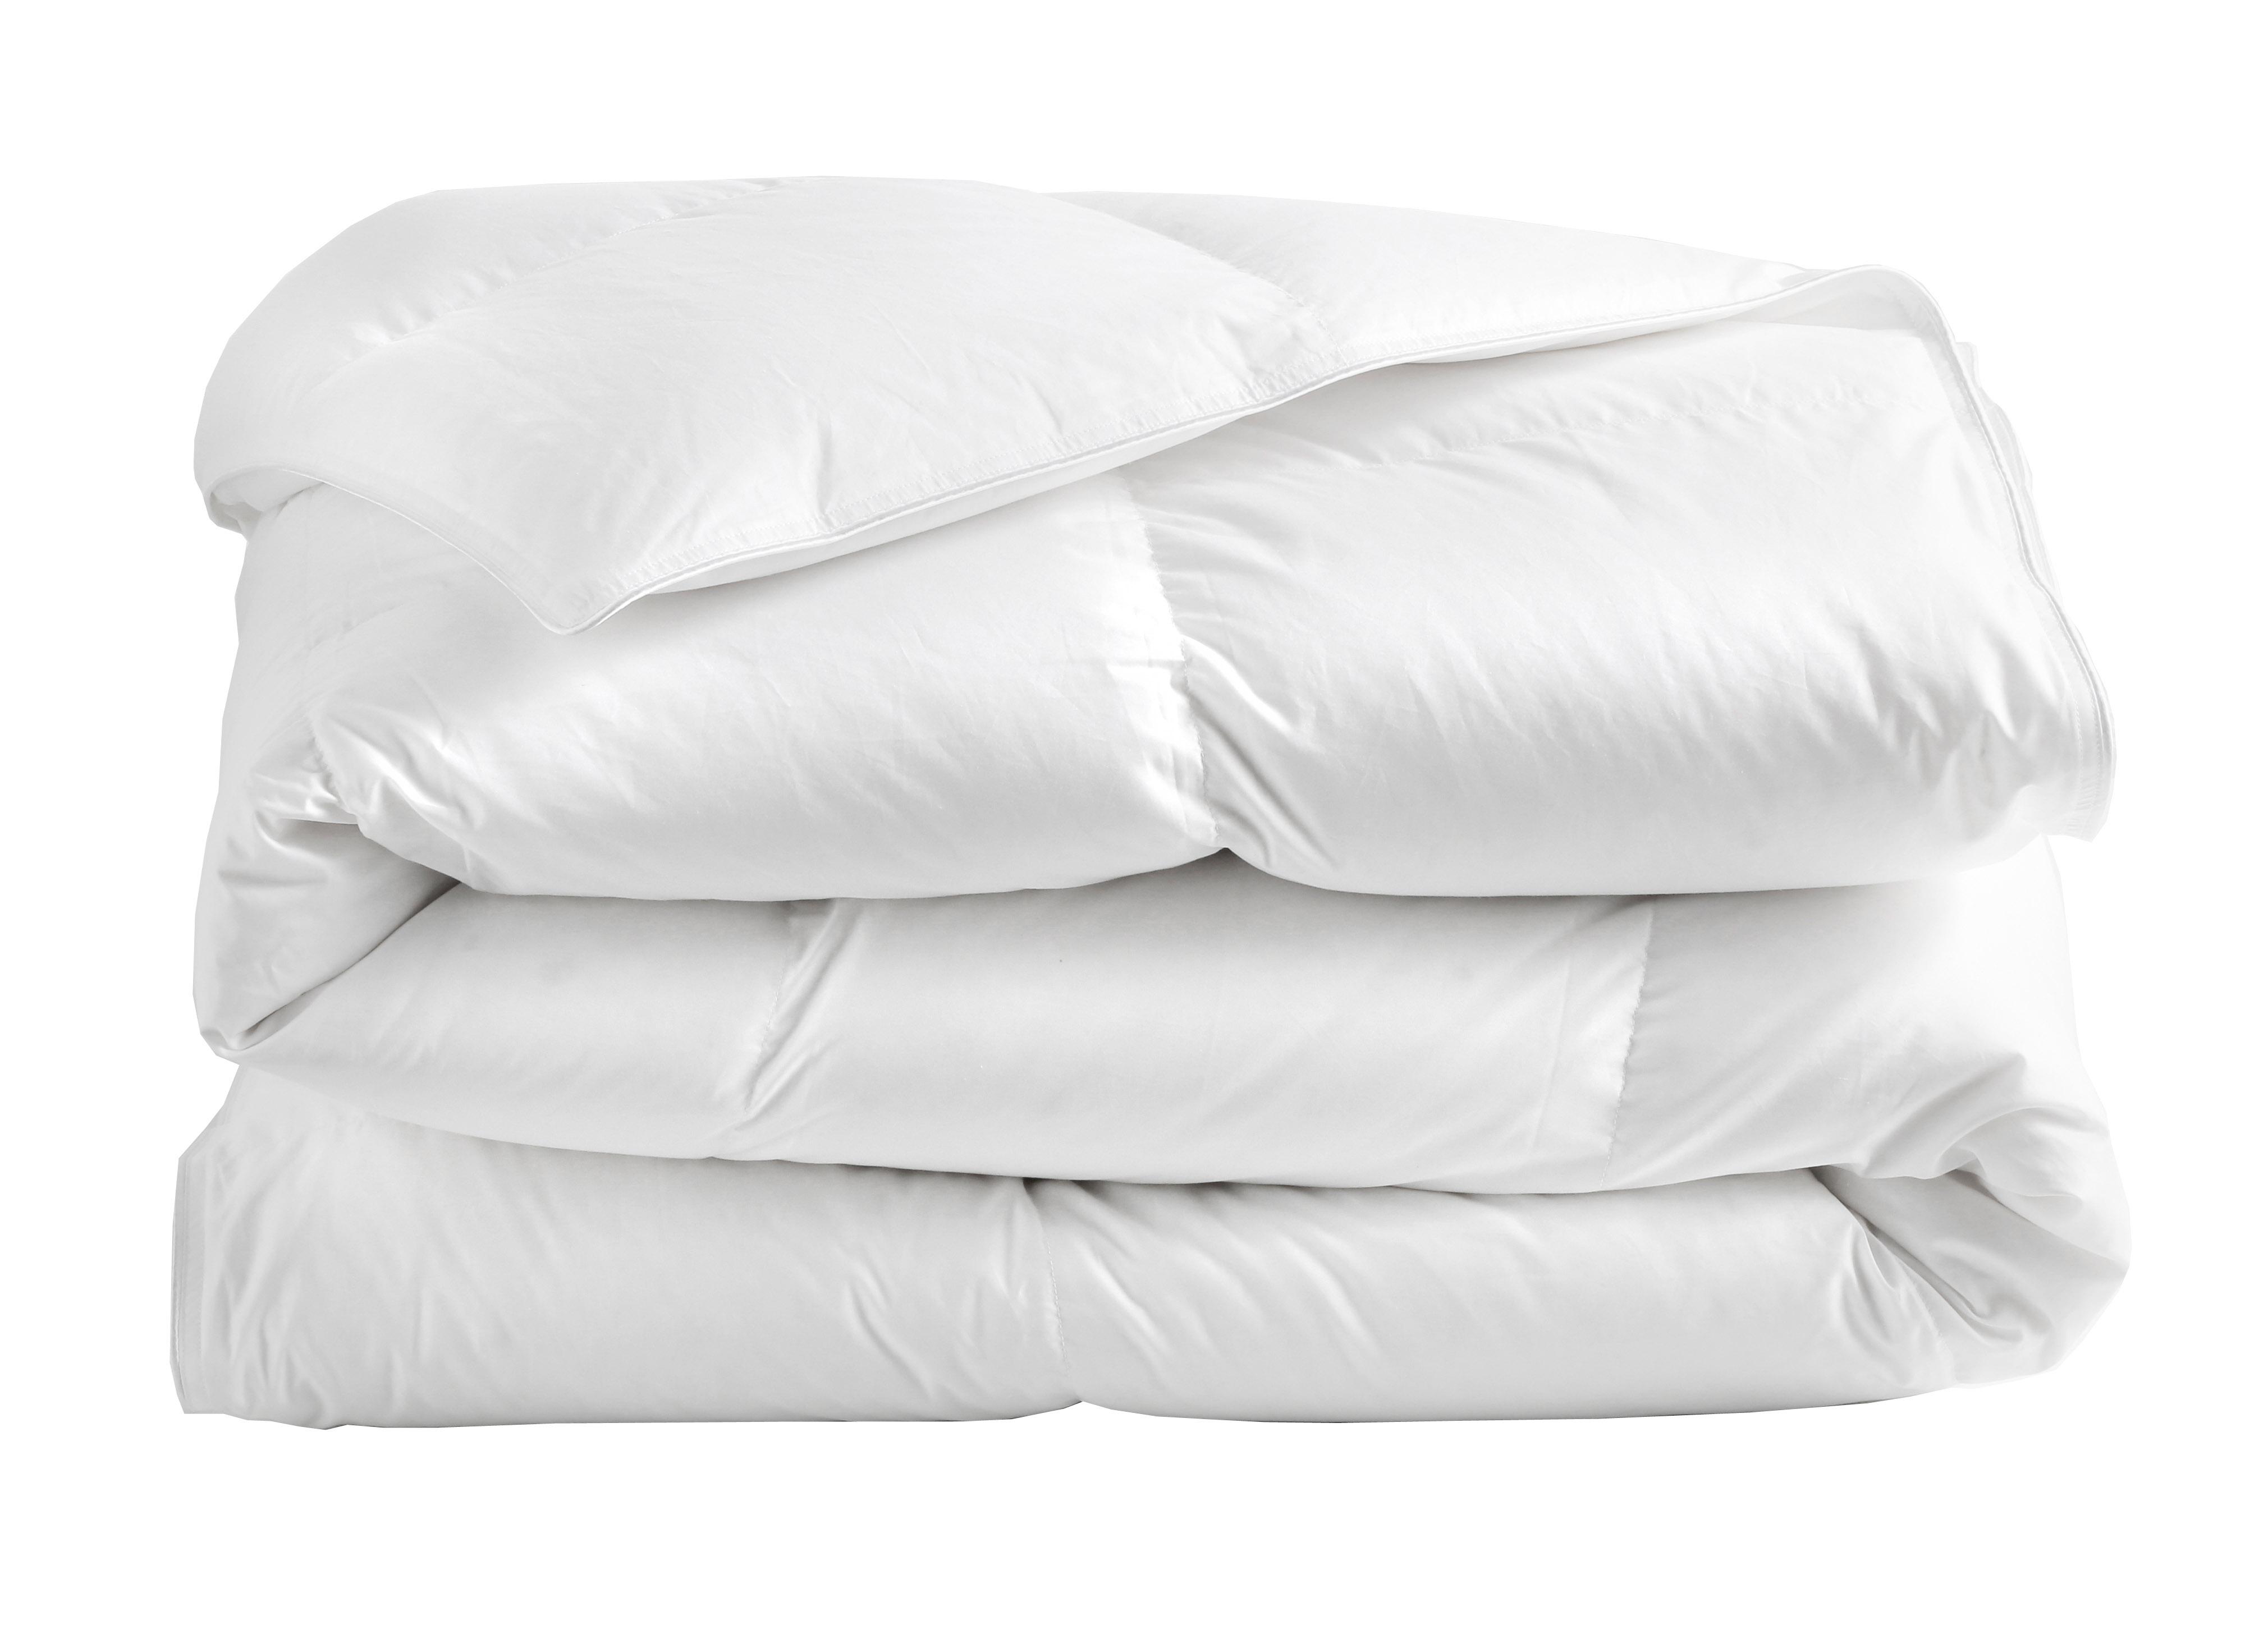 residence couette synth tique la boutique blanc des vosges. Black Bedroom Furniture Sets. Home Design Ideas